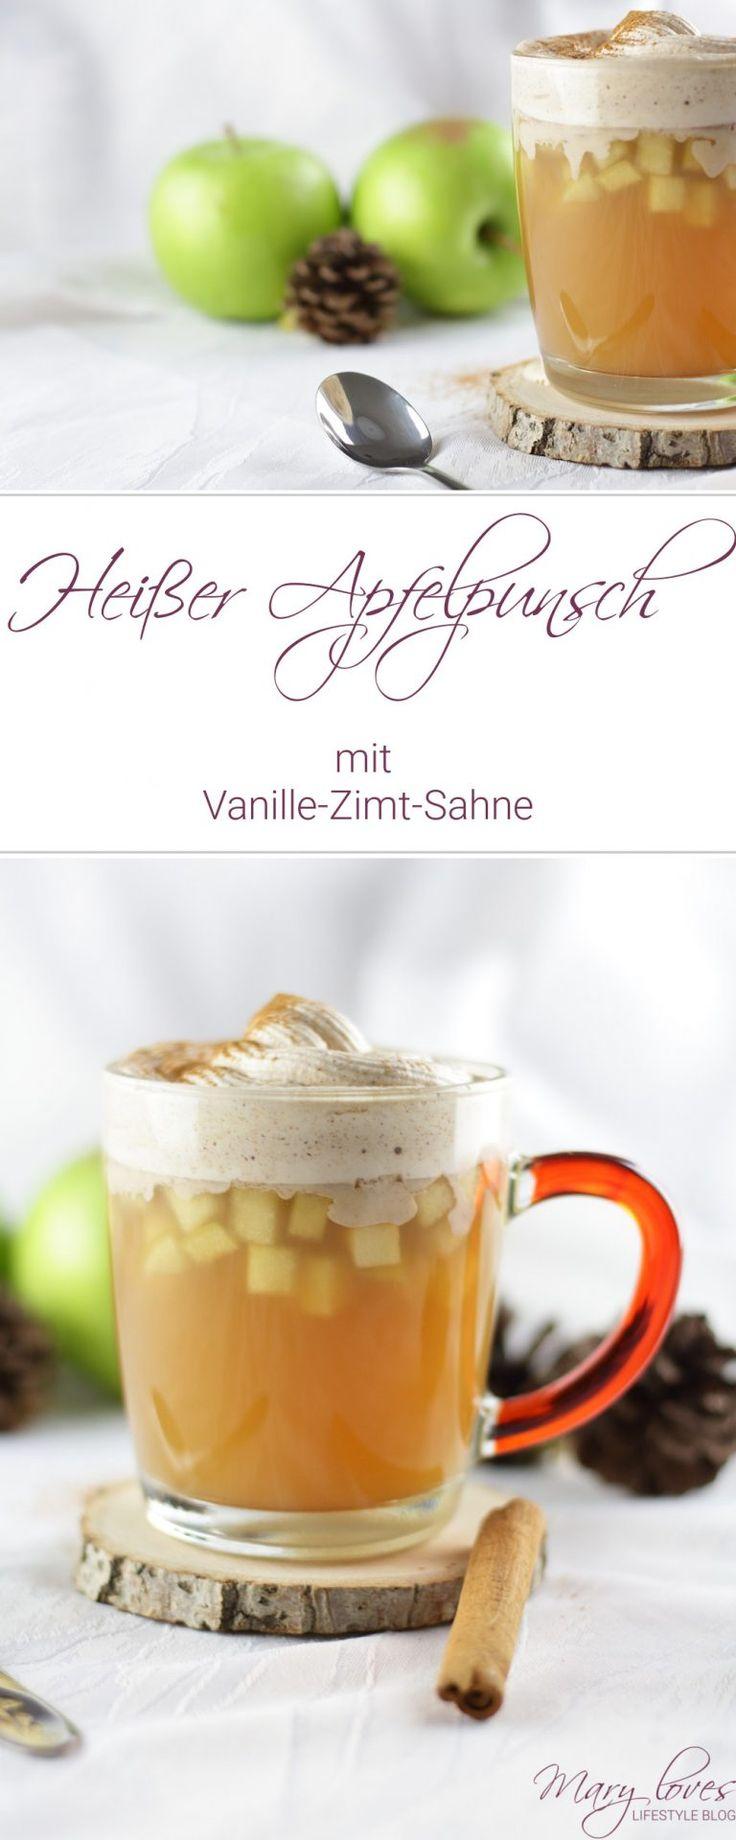 Heißer Apfelpunsch mit Vanille-Zimt-Sahne